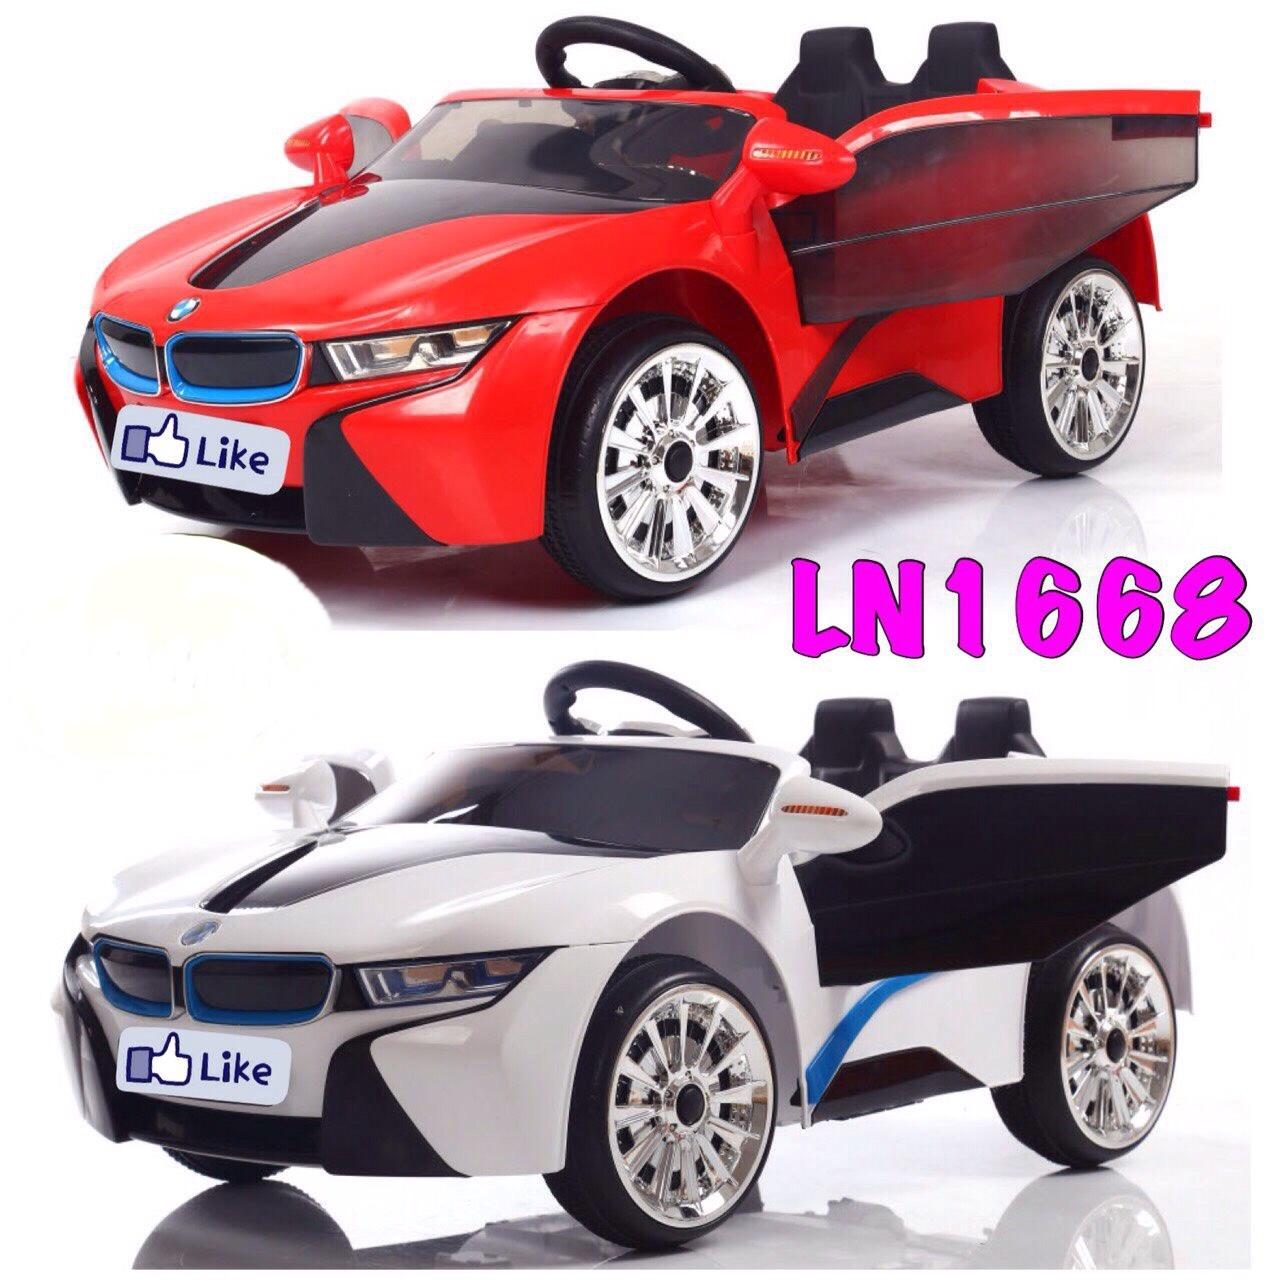 รถแบตเตอรี่ทรง BMW